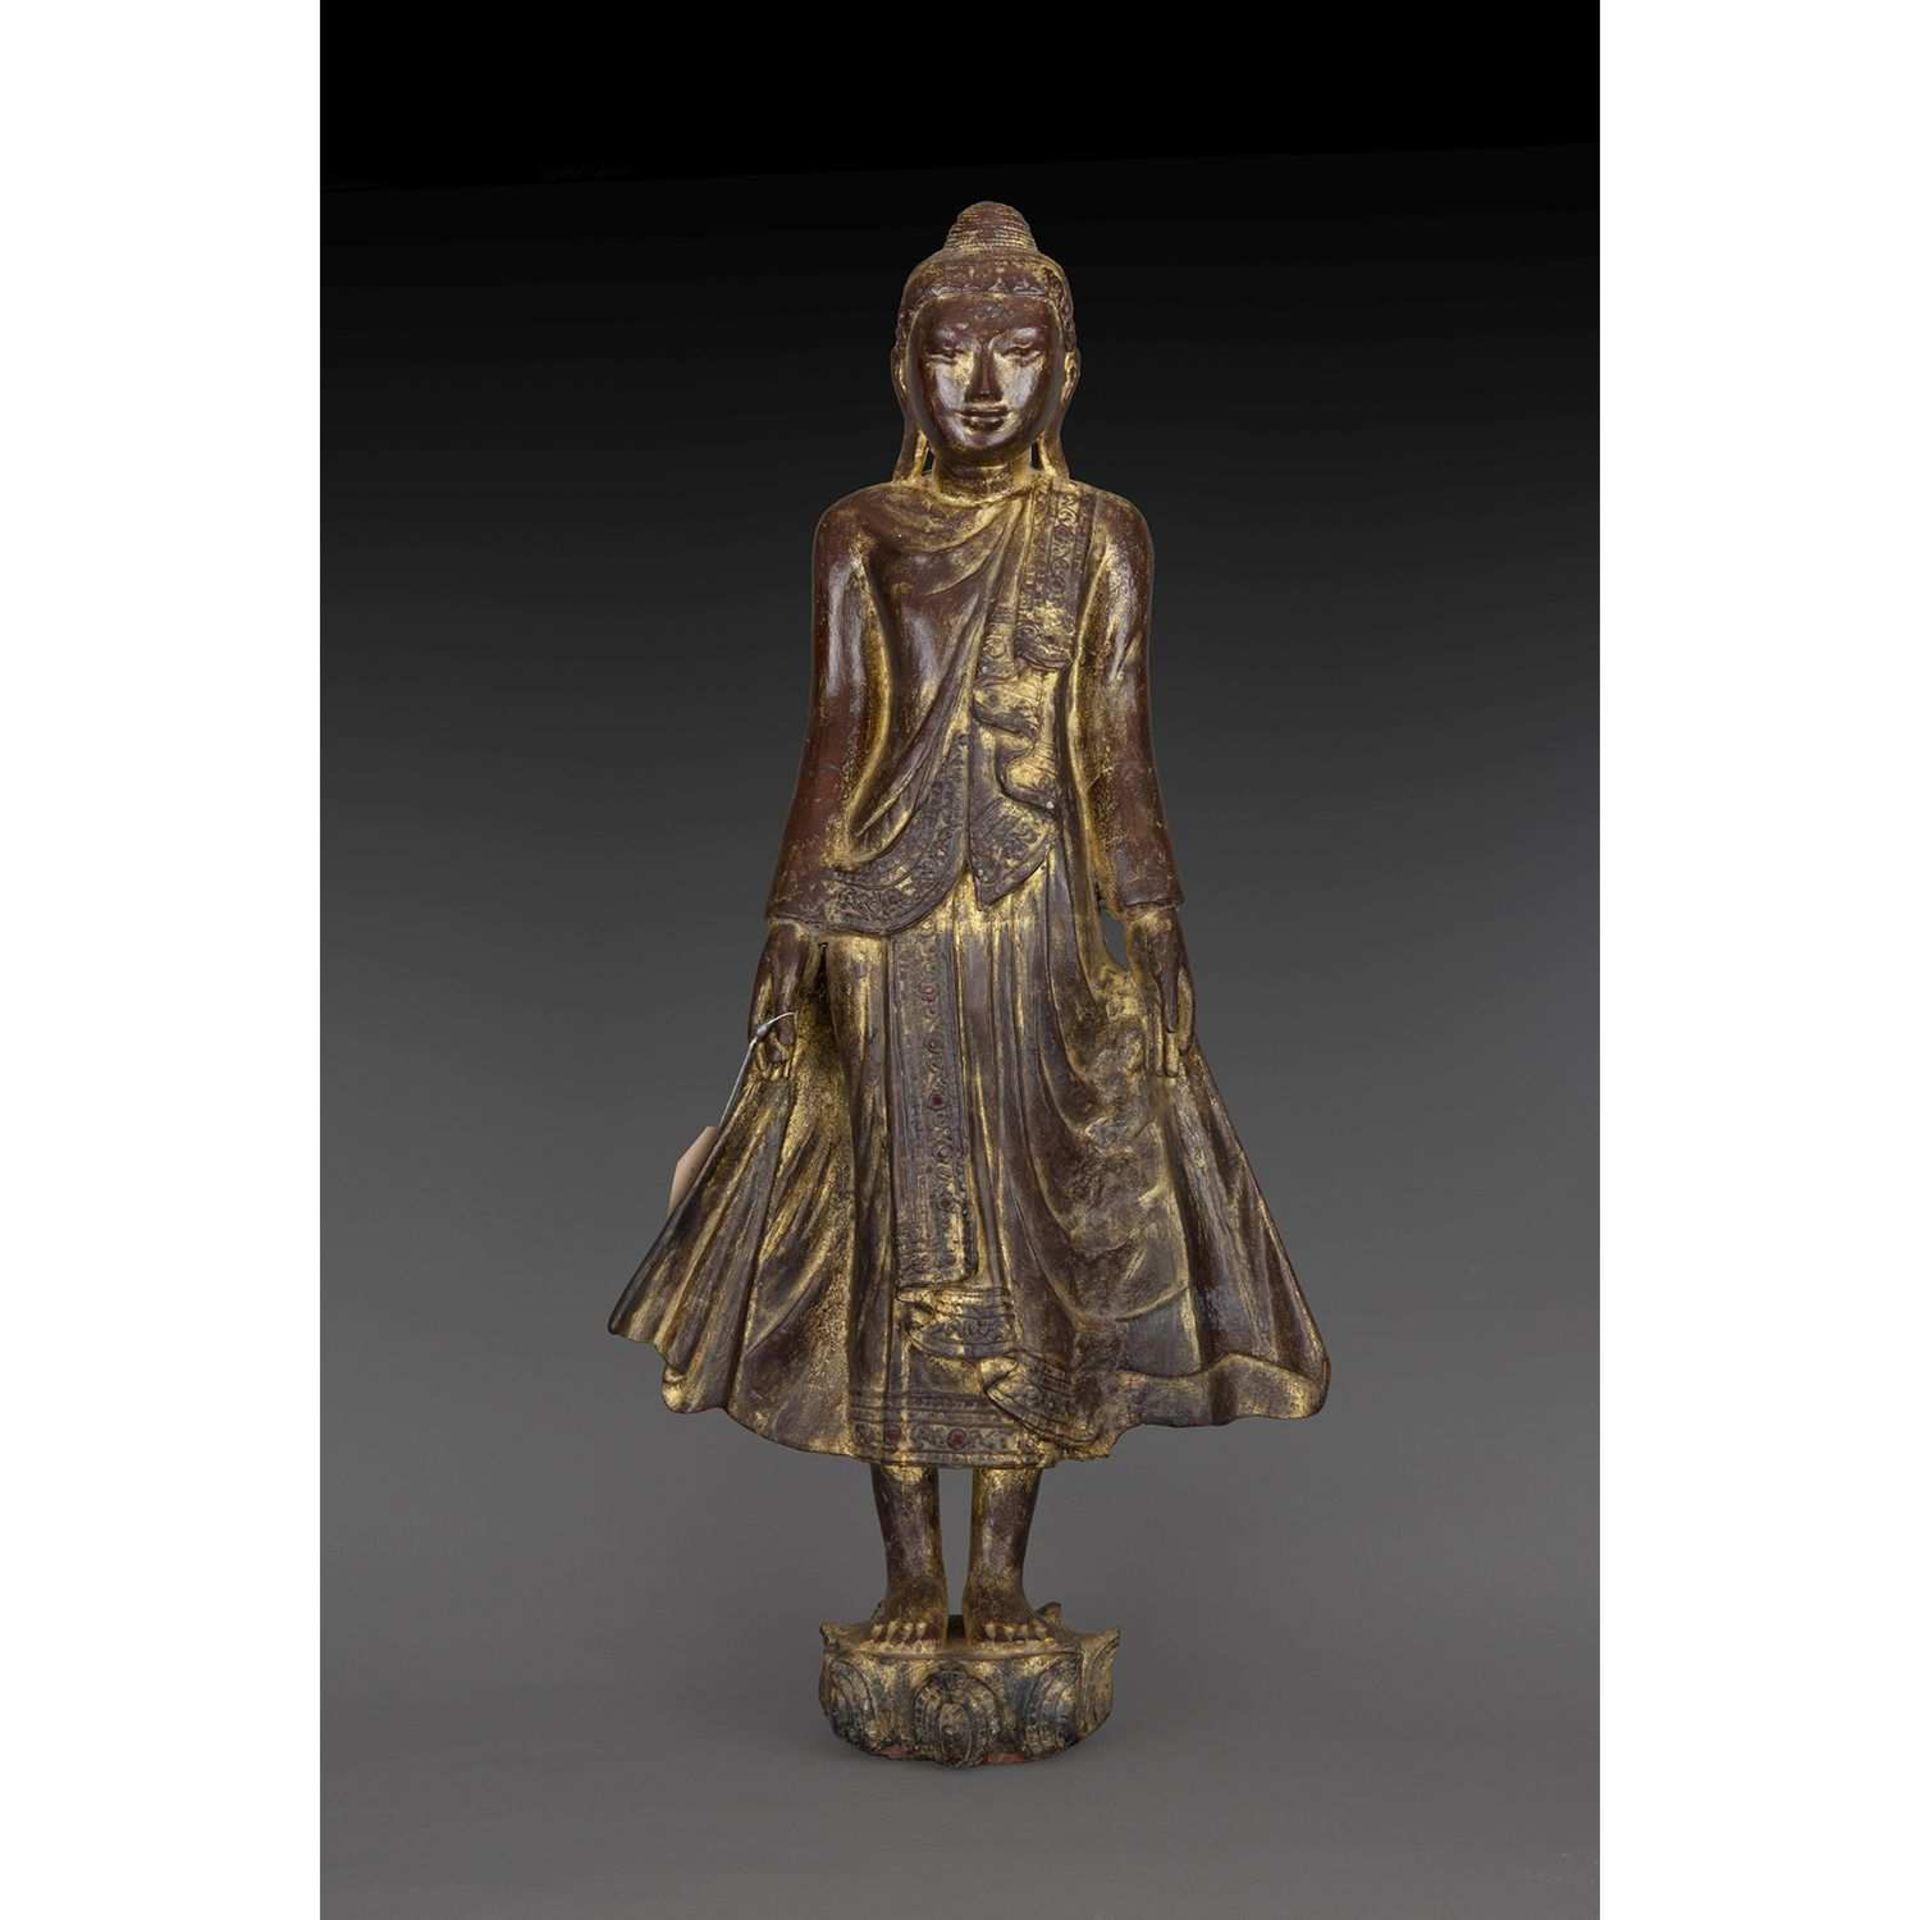 STATUE DE BOUDDHA en bois laqué et doré rehaussé d'applications de verroterie, représenté debout sur